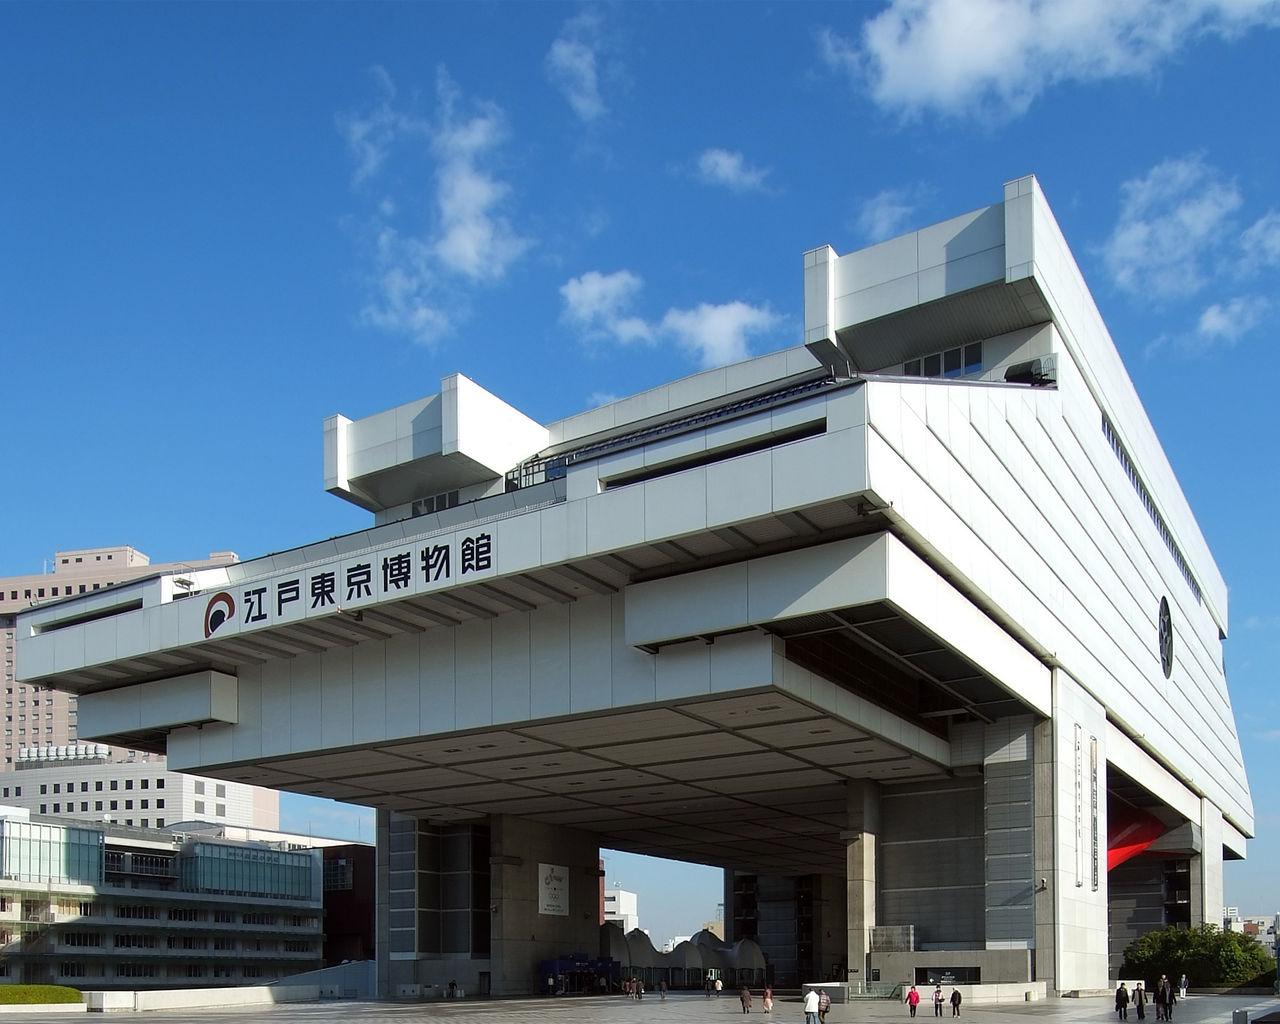 江戸東京博物館 Wikipediaより